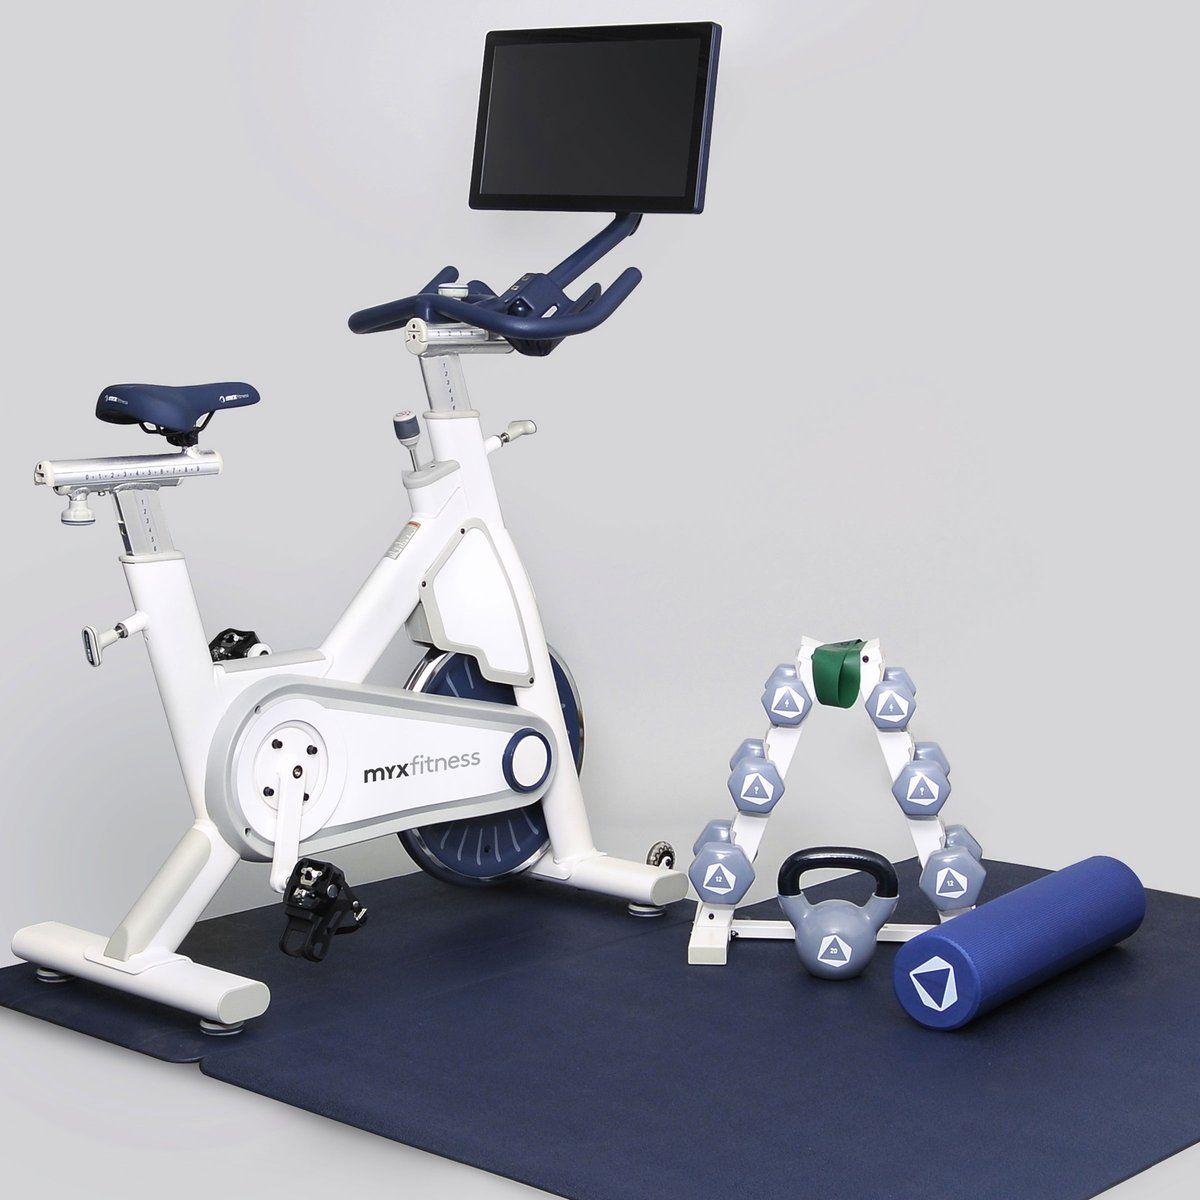 The Myx Plus Best Exercise Bike Biking Workout Exercise Bikes